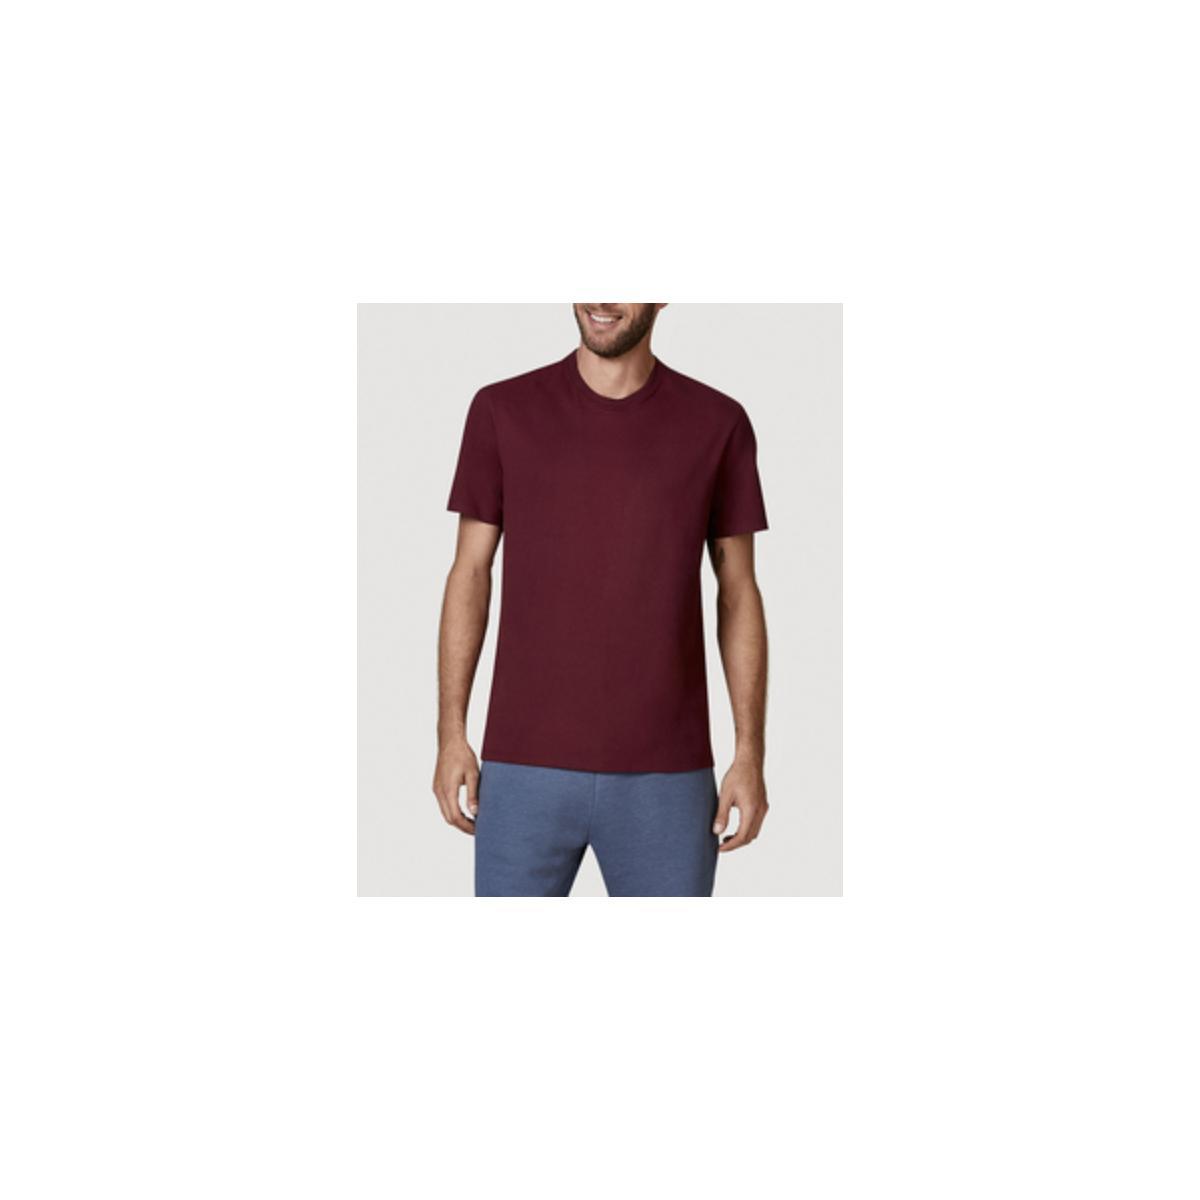 Camiseta Masculina Hering 0227 Rwren Bordo